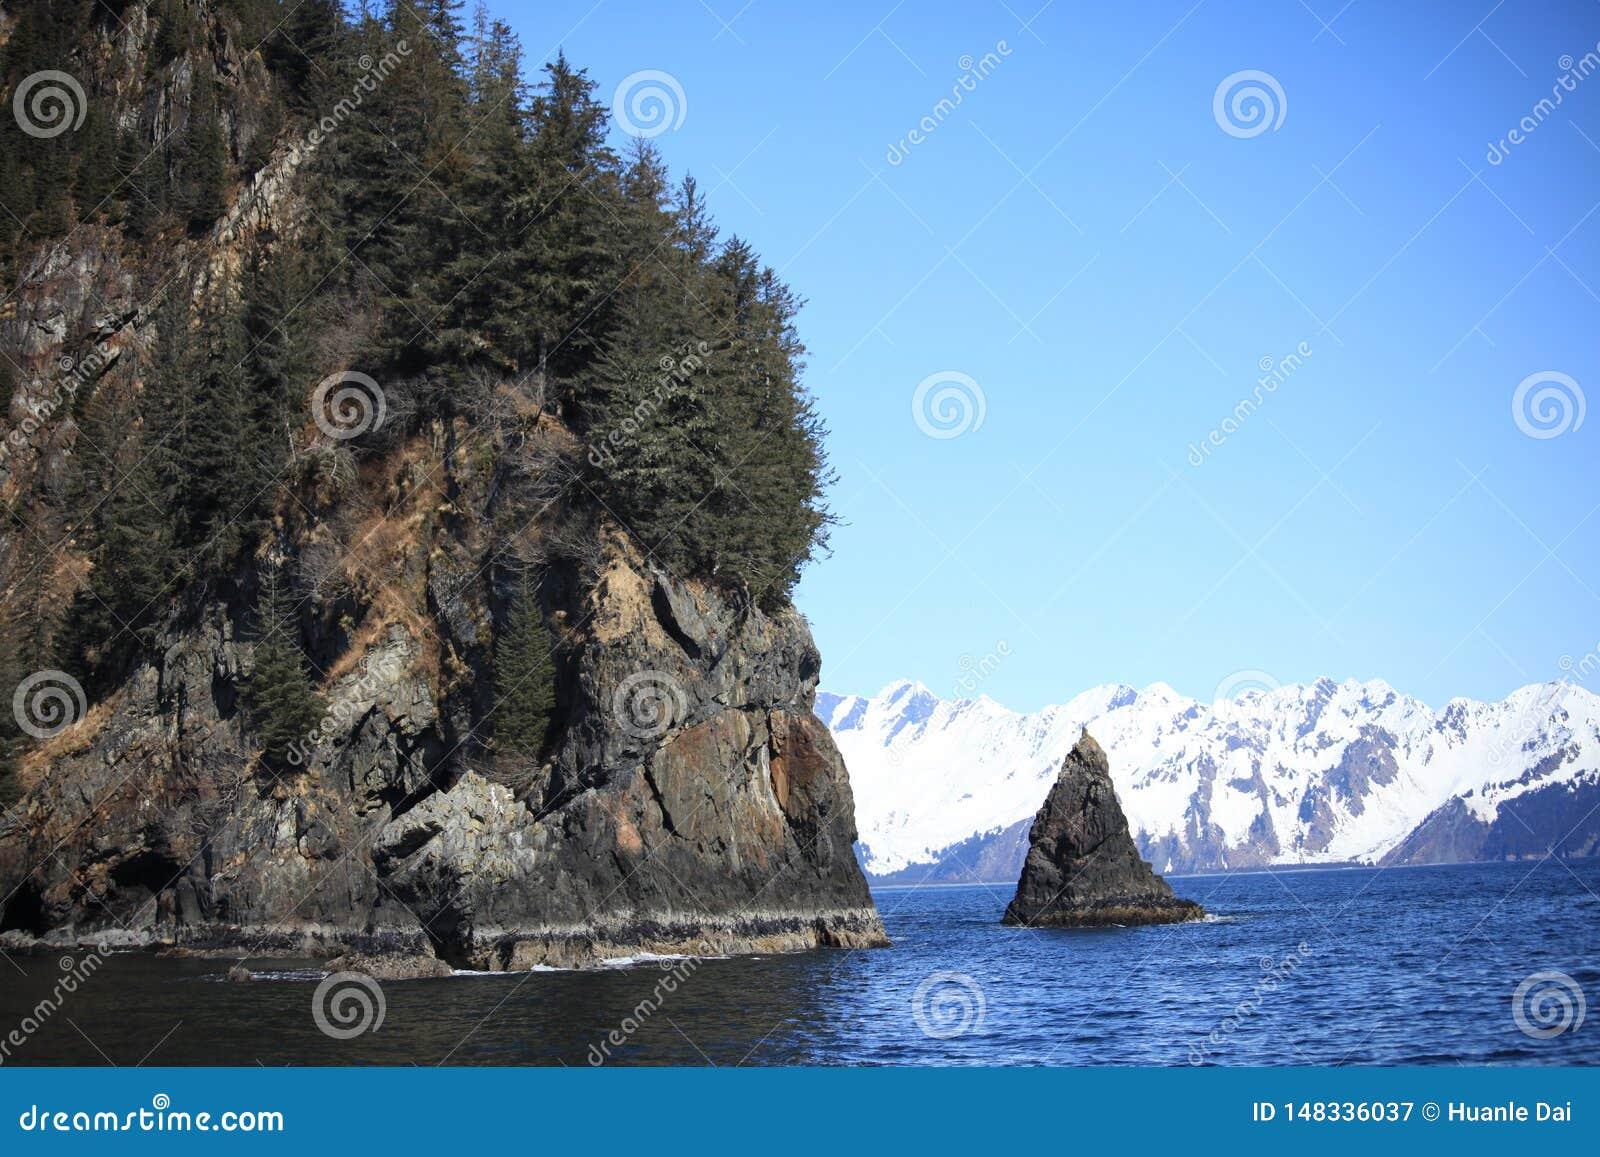 山,海,雪,岩石